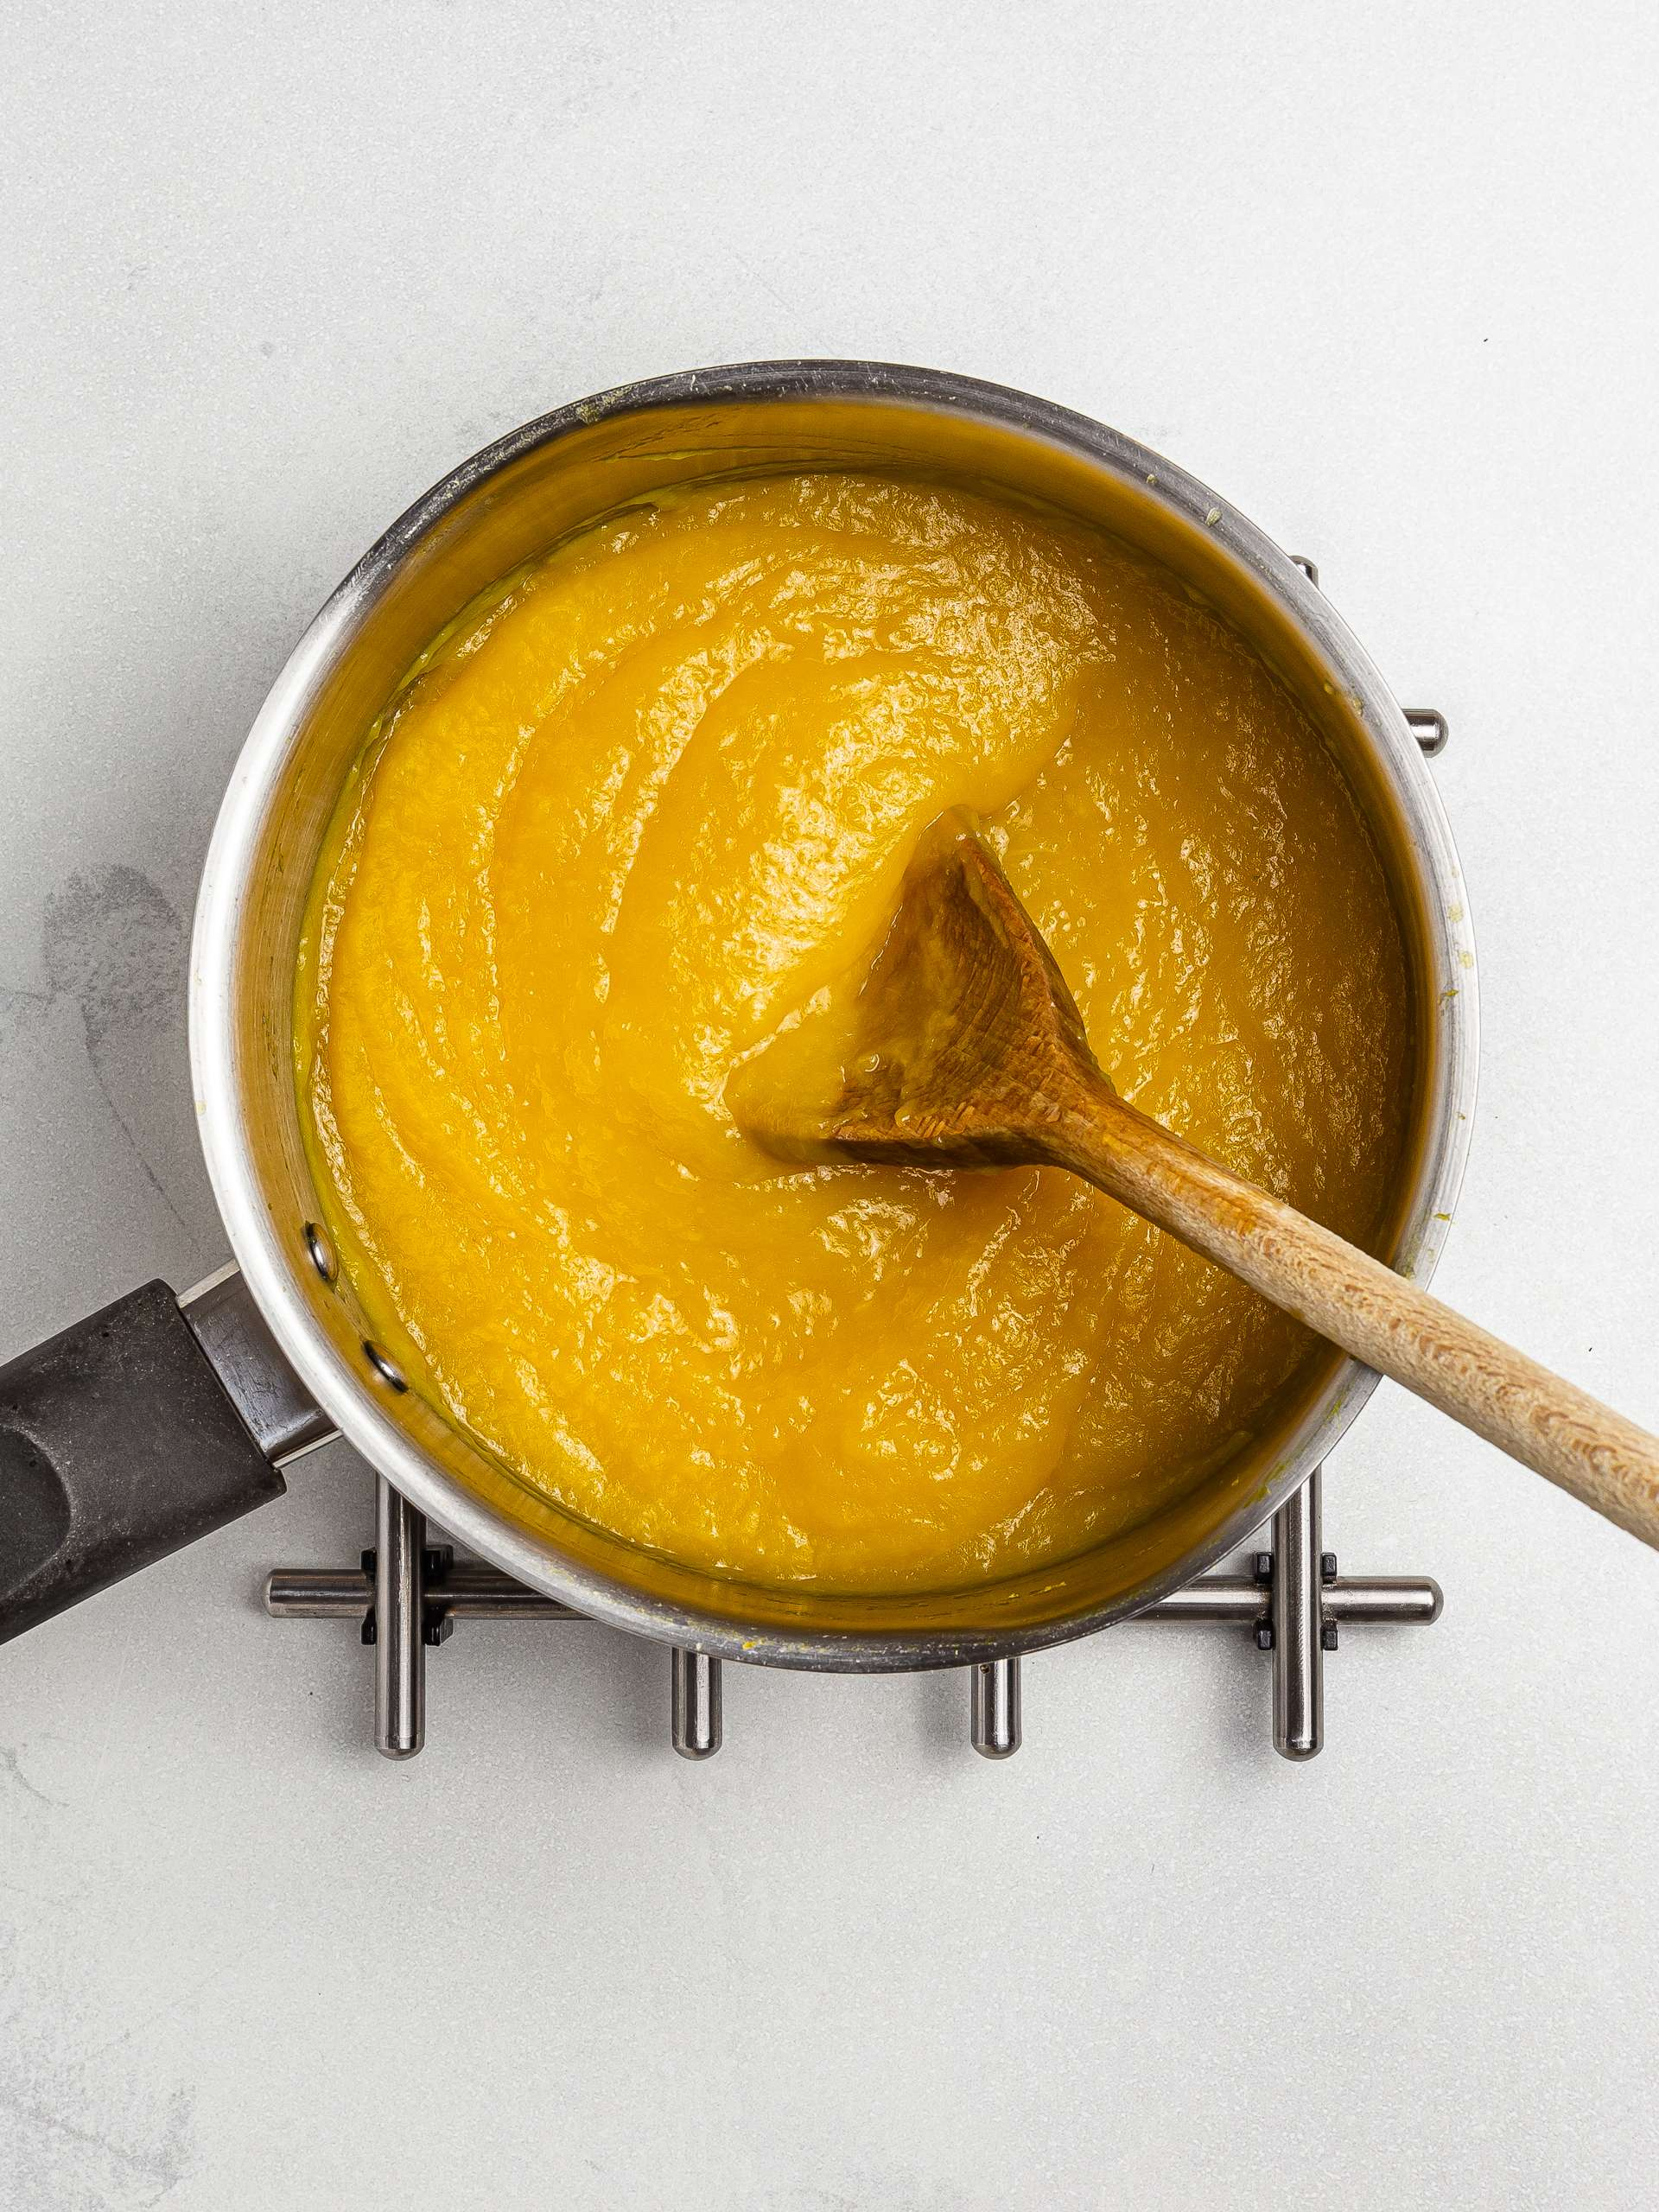 sugar-free mango jam in a pot